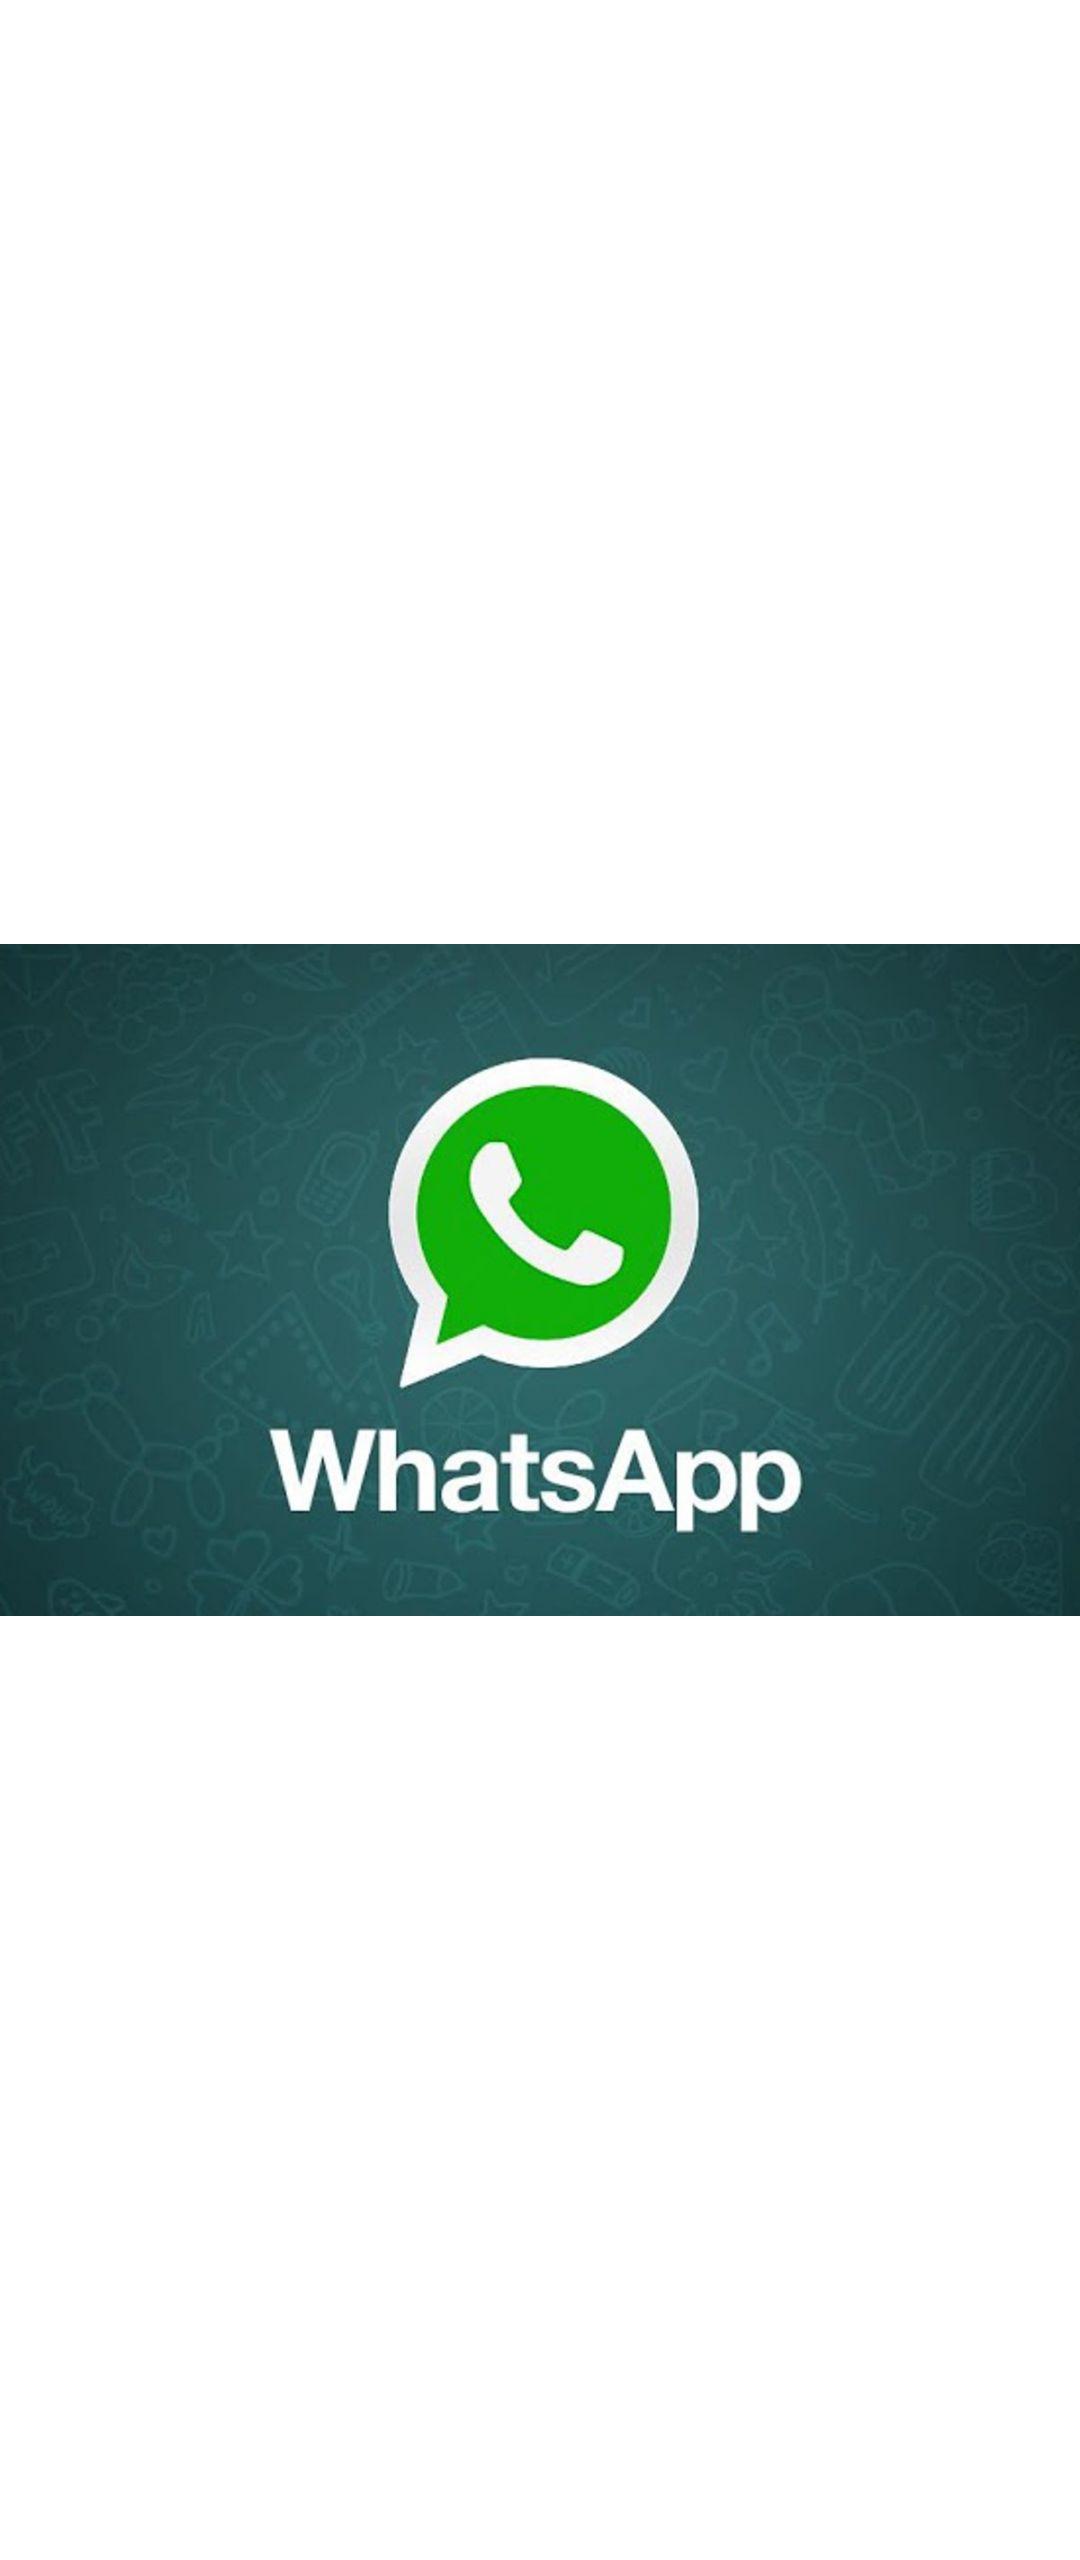 Desde el 30 de junio no podrás usar WhatsApp si usas alguno de estos equipos